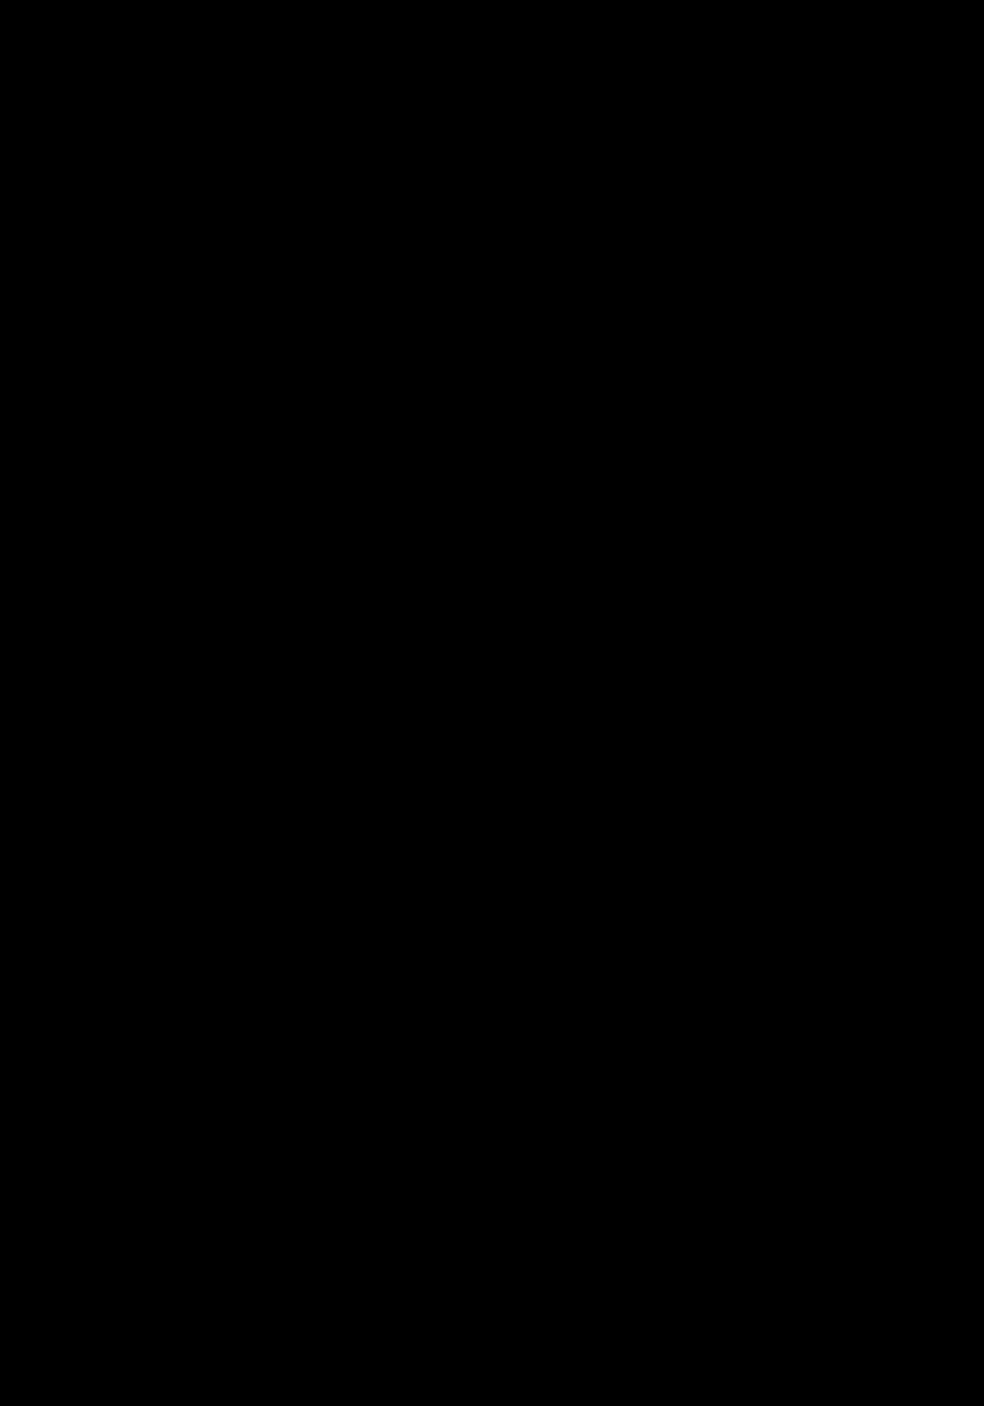 艶 E 小かな ETU-KS 横組見本